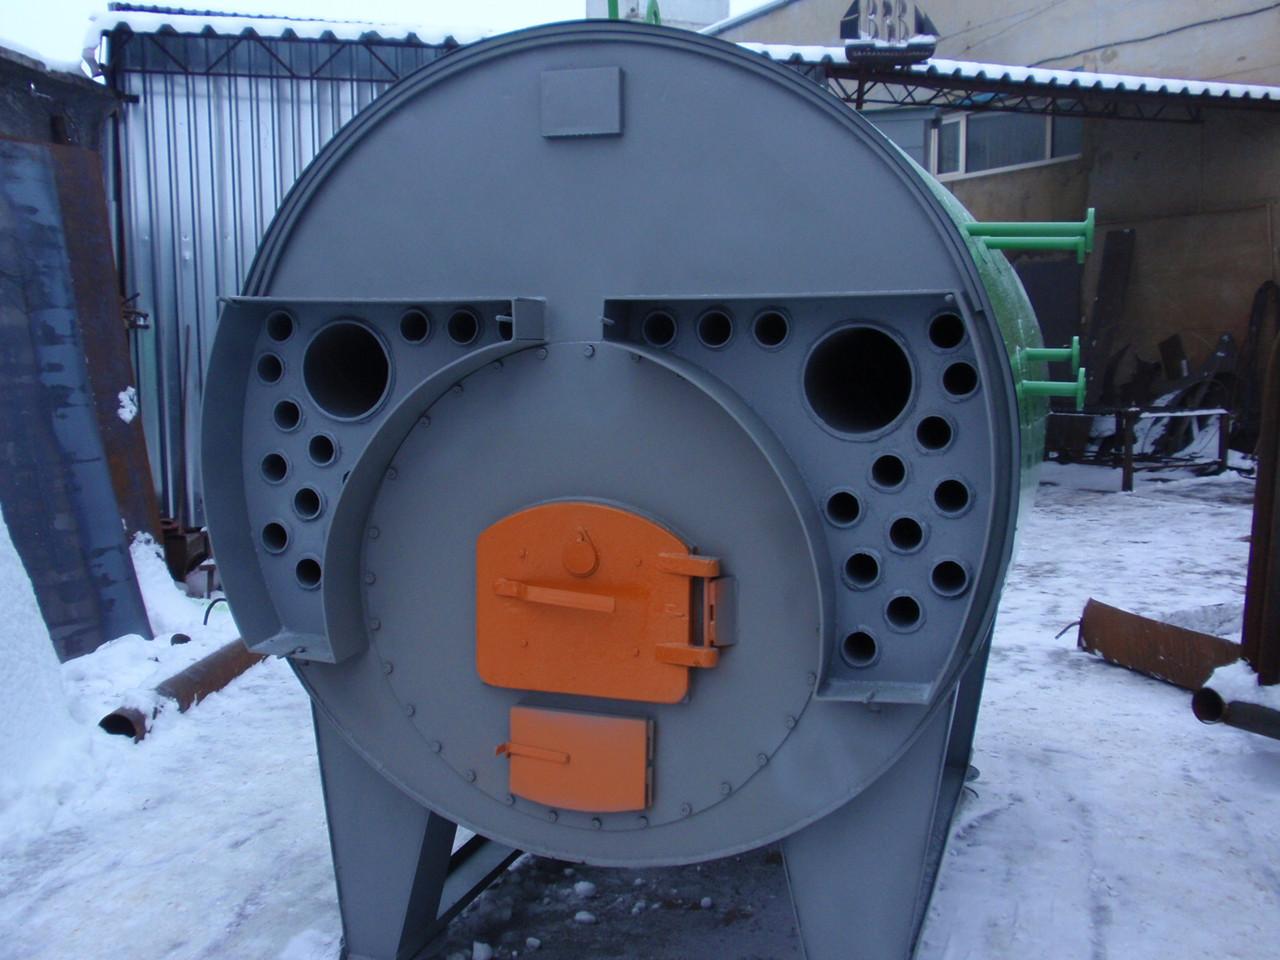 Парогенератор твердотоп.горизонт.ж/труб. 300Е, 12 бар (уголь,дрова),автоматика, дымосос и комплект